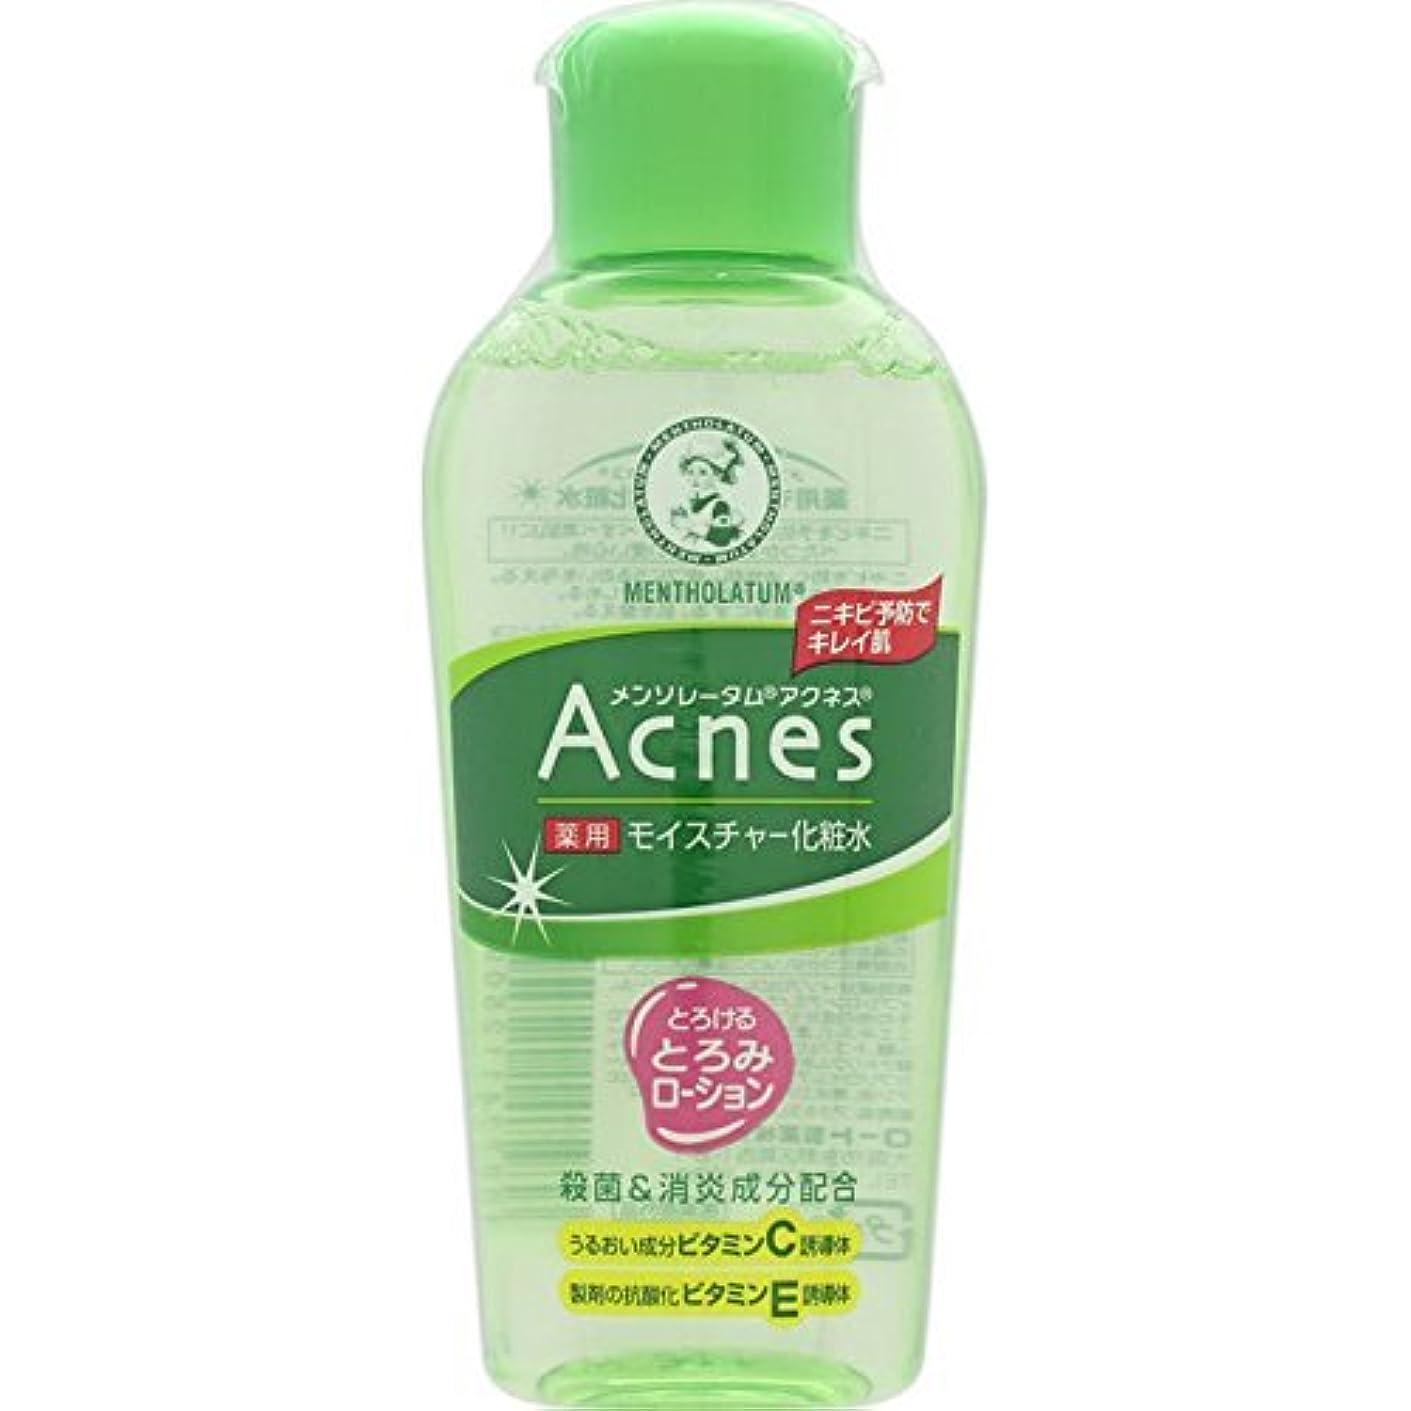 在庫酸音声学Acnes(アクネス) 薬用モイスチャー化粧水 120mL【医薬部外品】